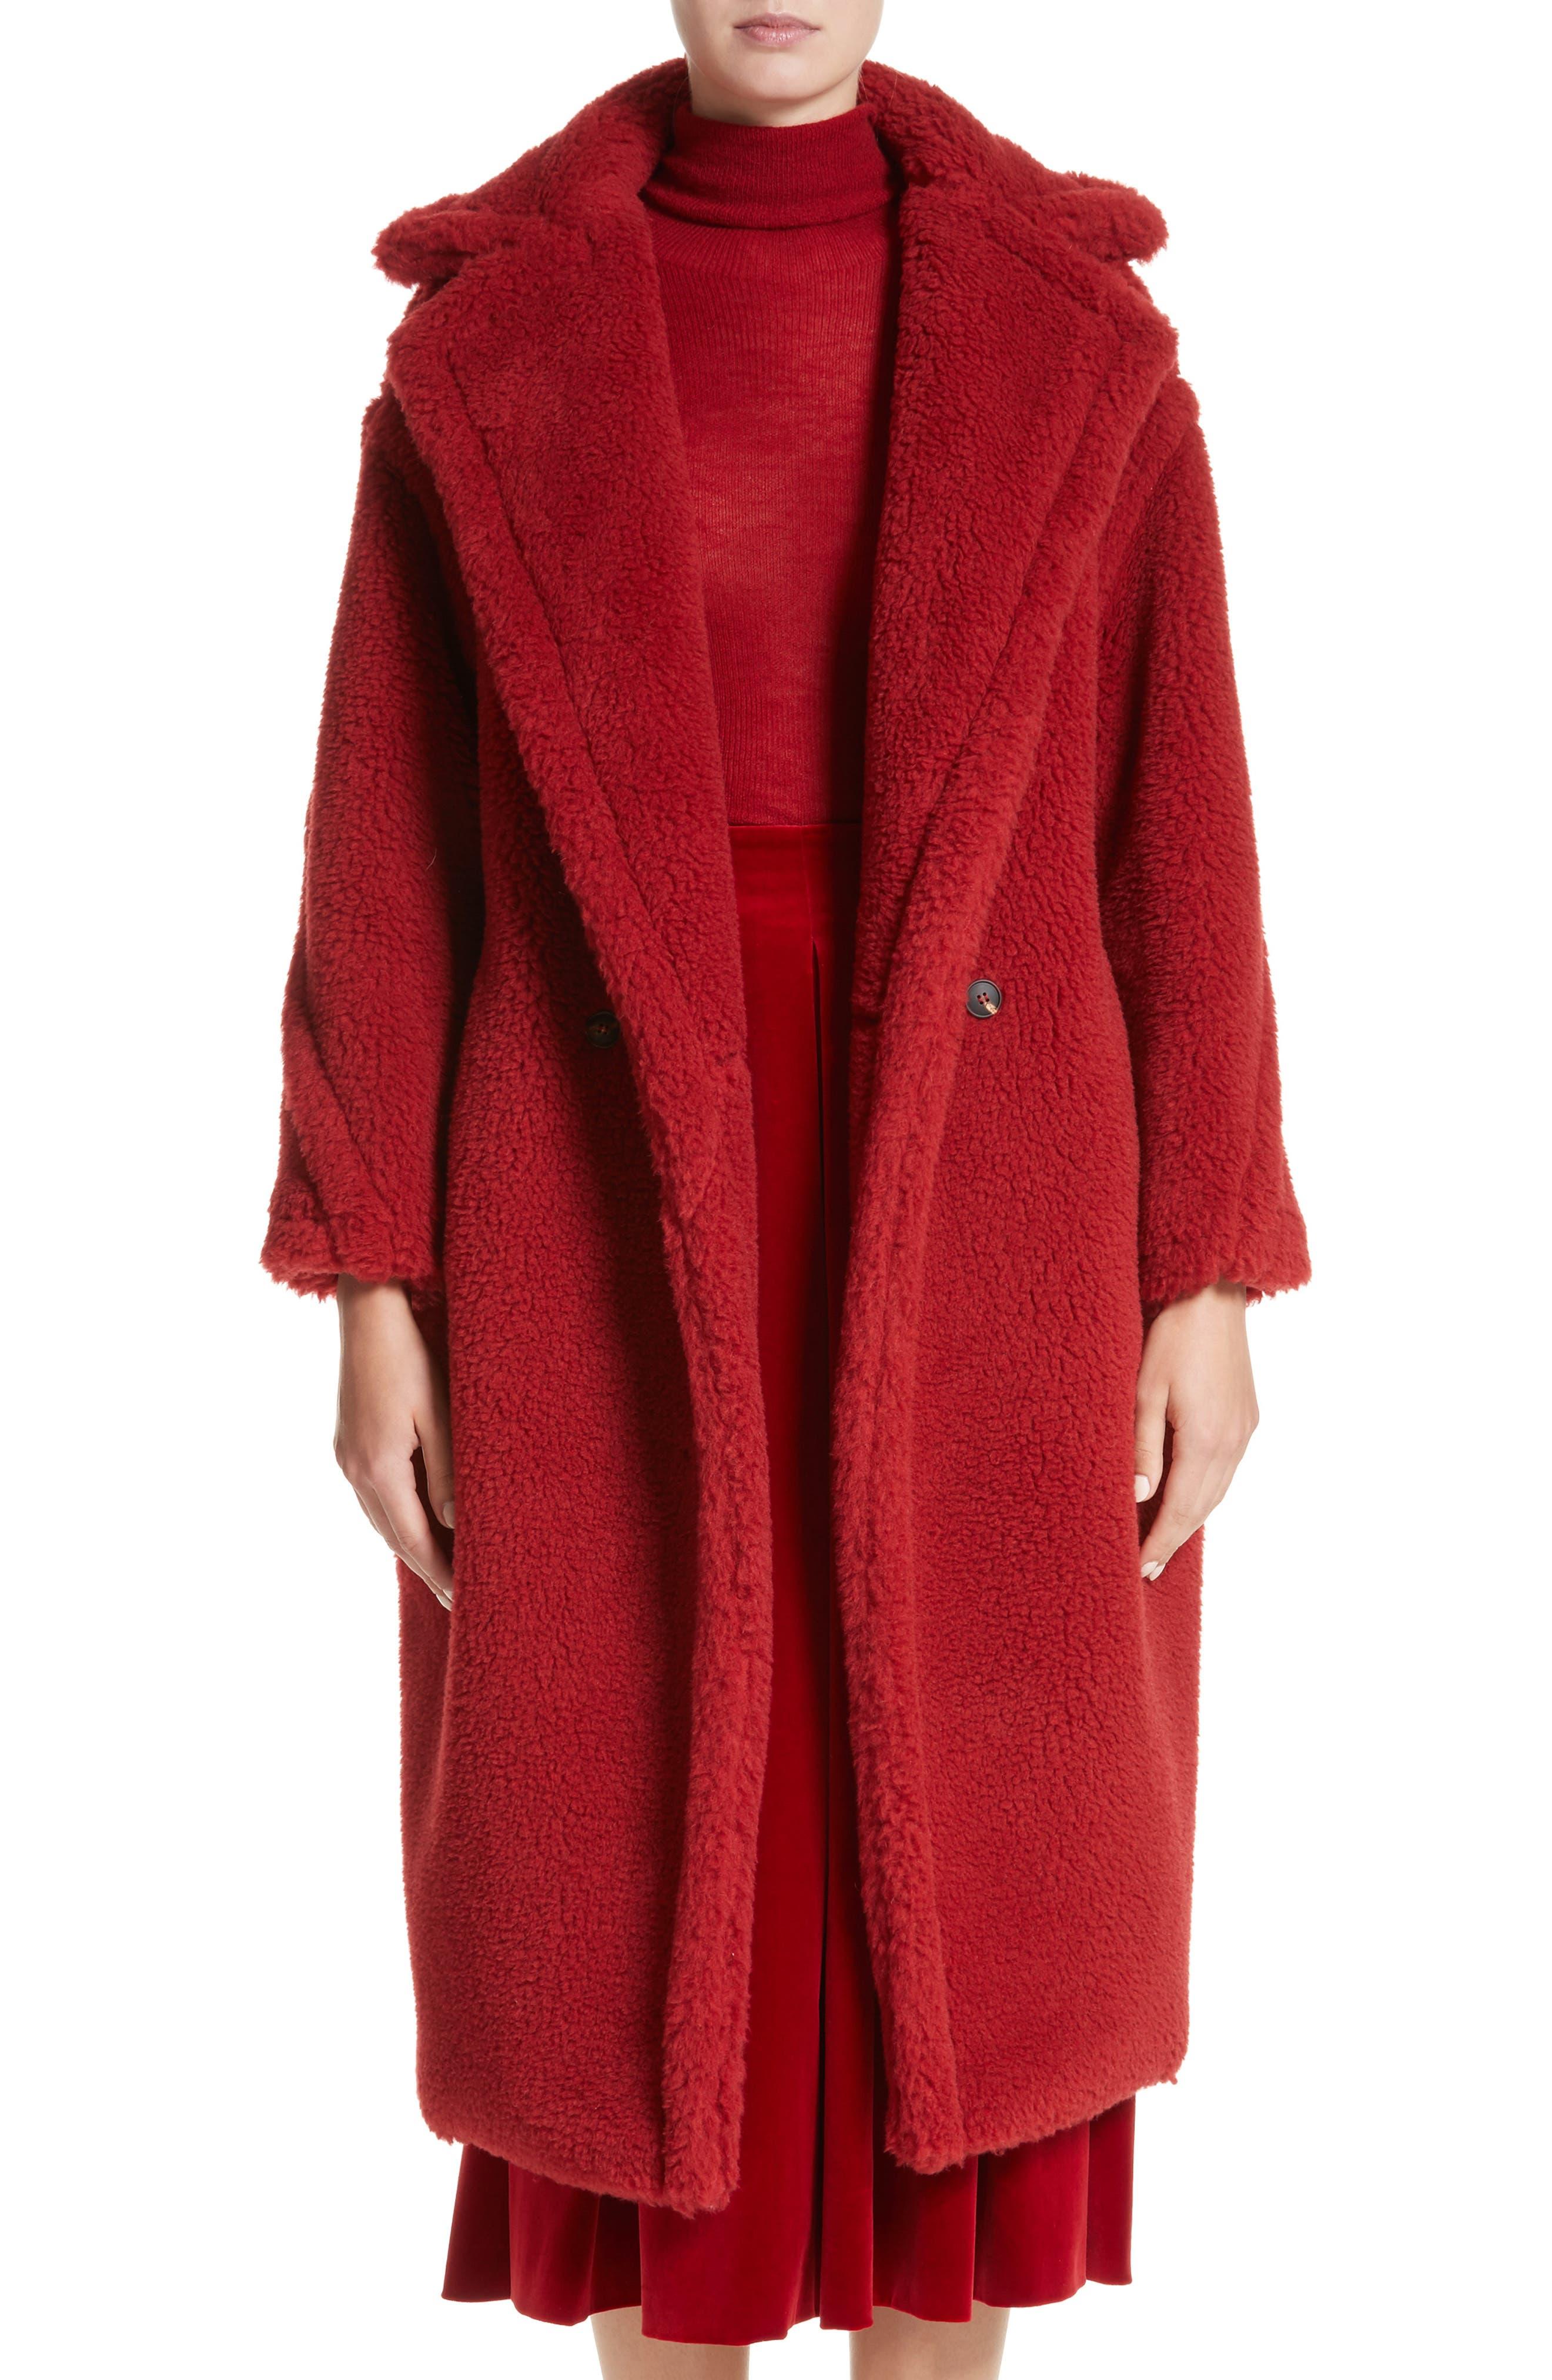 Pappino Camel Hair & Silk Coat,                             Main thumbnail 1, color,                             614